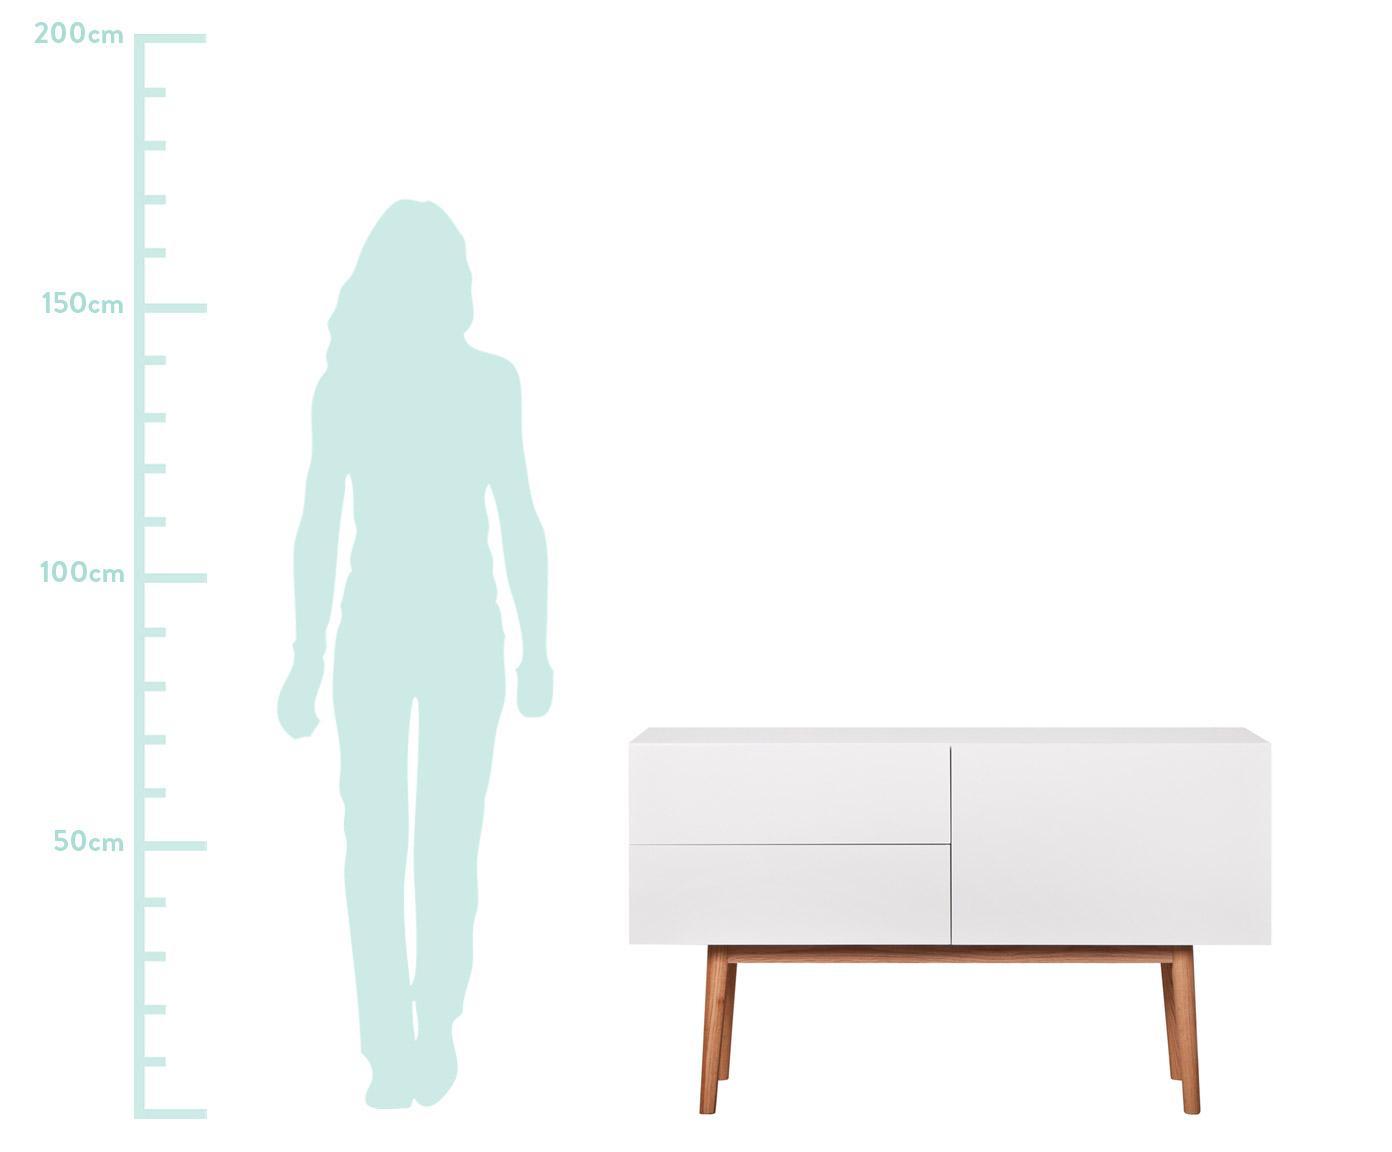 Komoda z wysokim połyskiem High on Wood, Korpus: średniej gęstości płyta p, Nogi: masywne drewno dębowe, Biały, naturalny, S 120 x W 72 cm